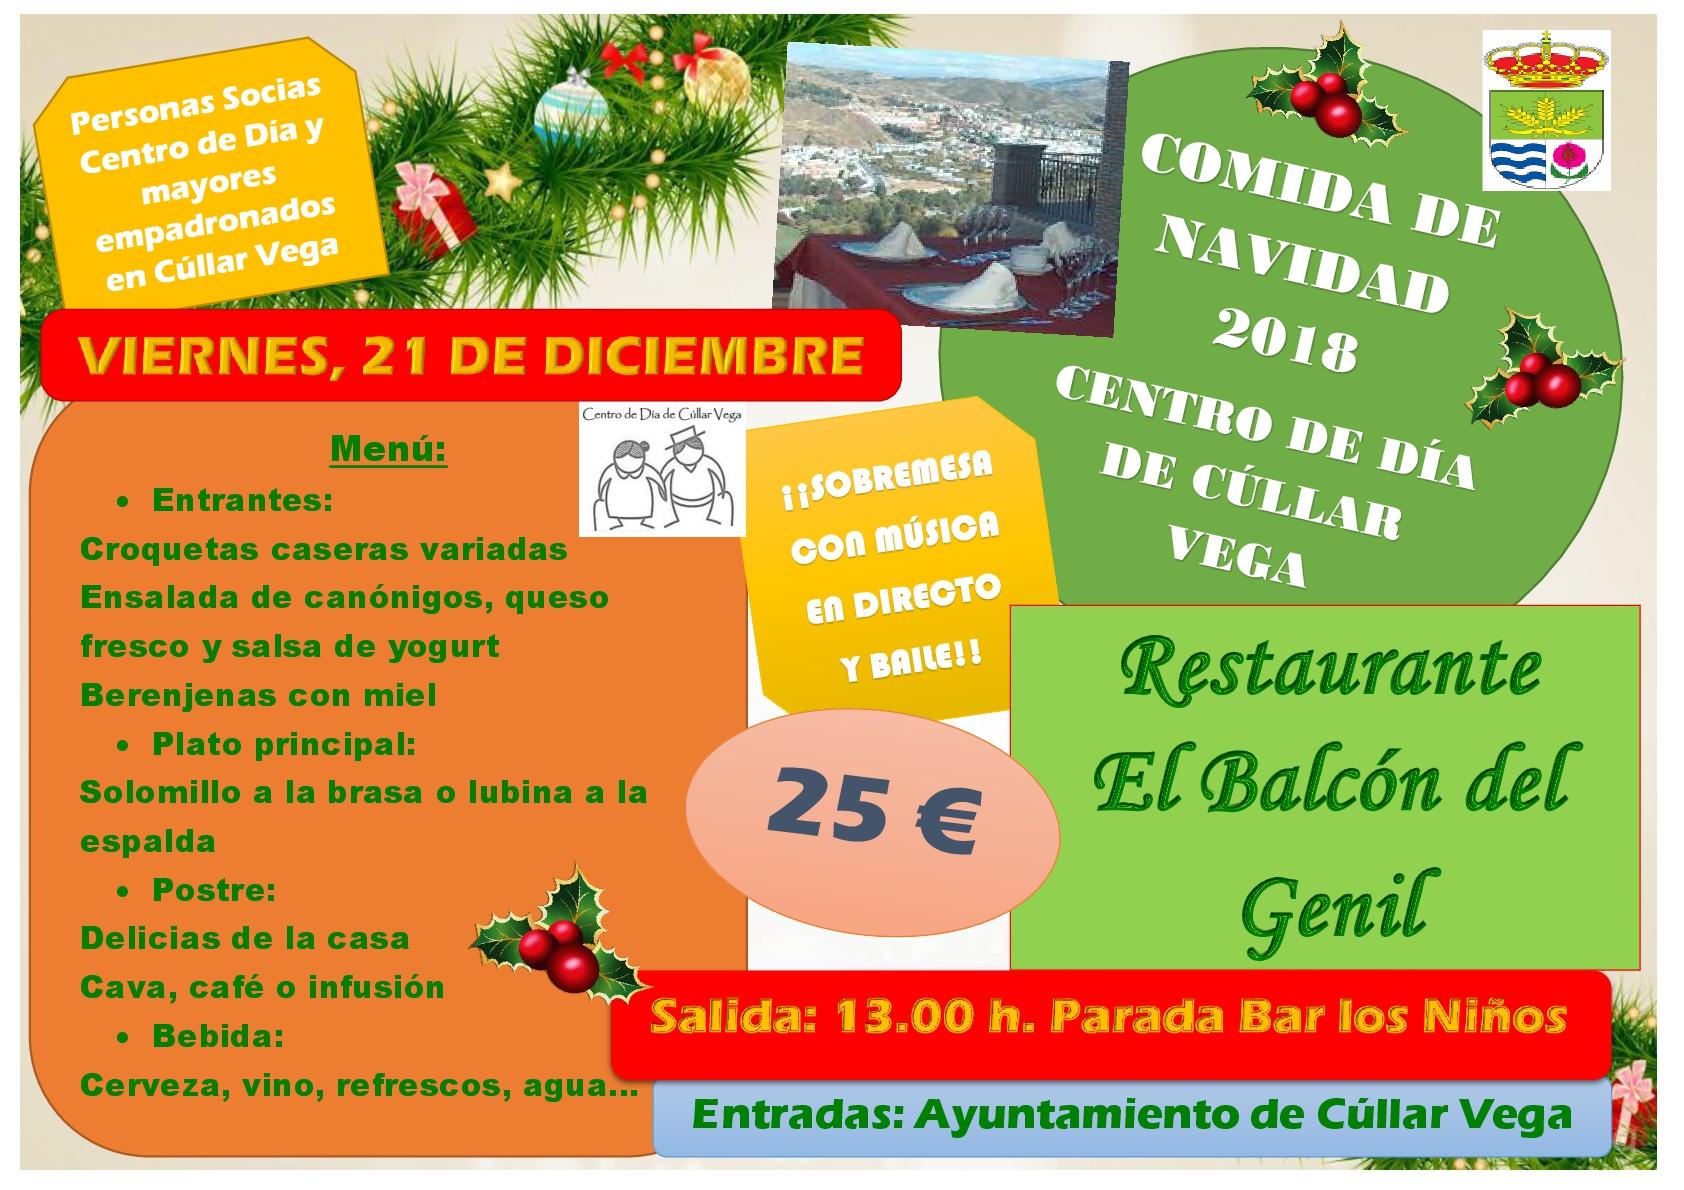 Comida de Navidad 2018 Centro de Día